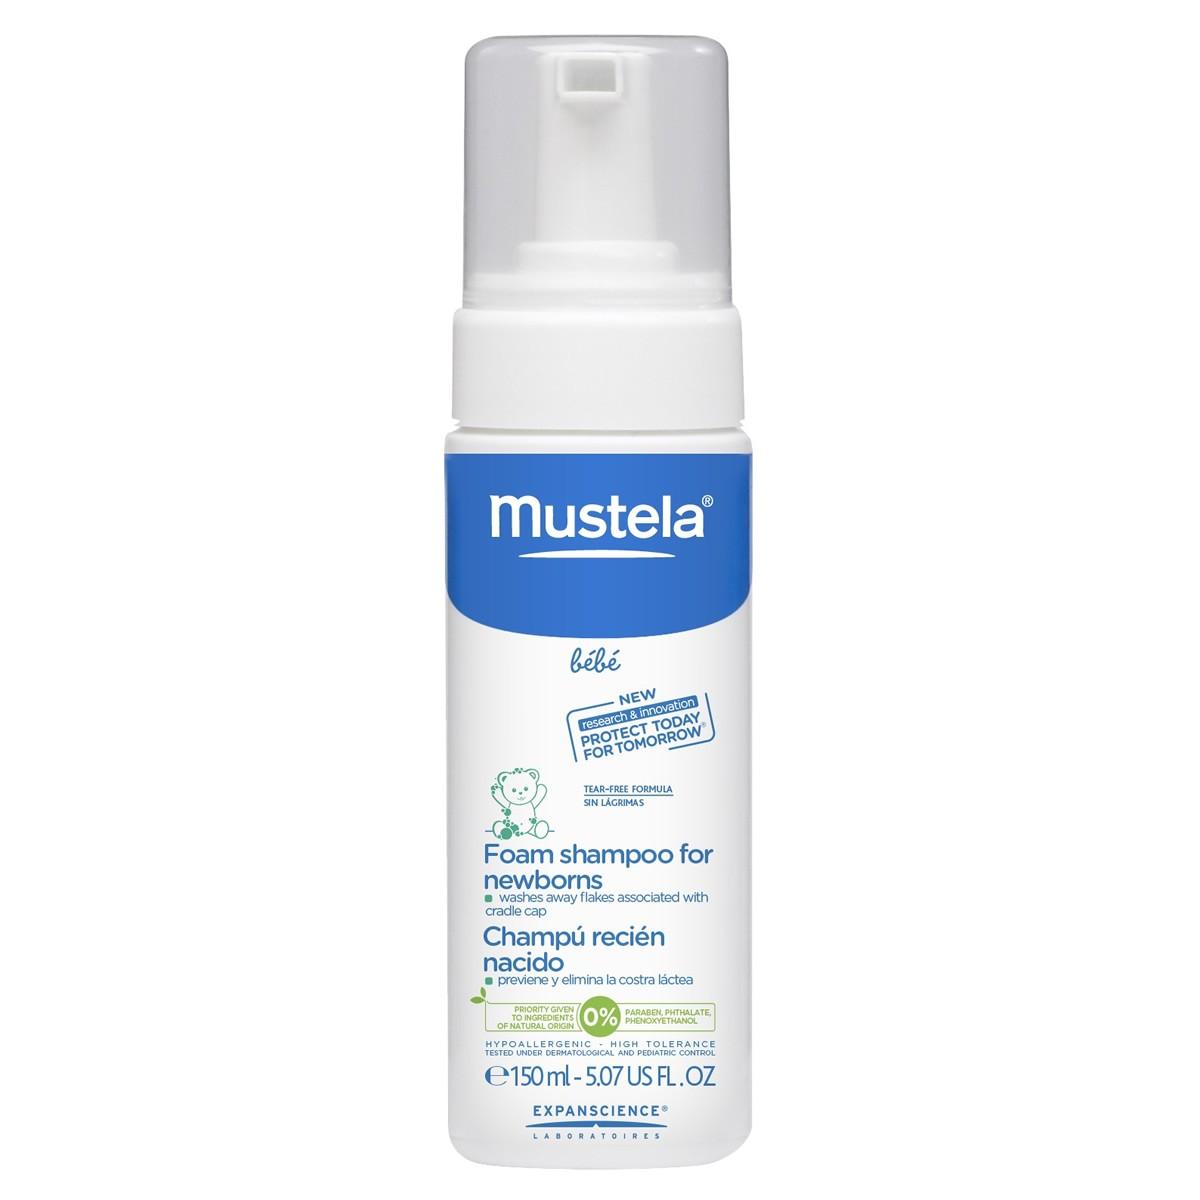 Mustela Bébé Foam Shampoo For Newborns